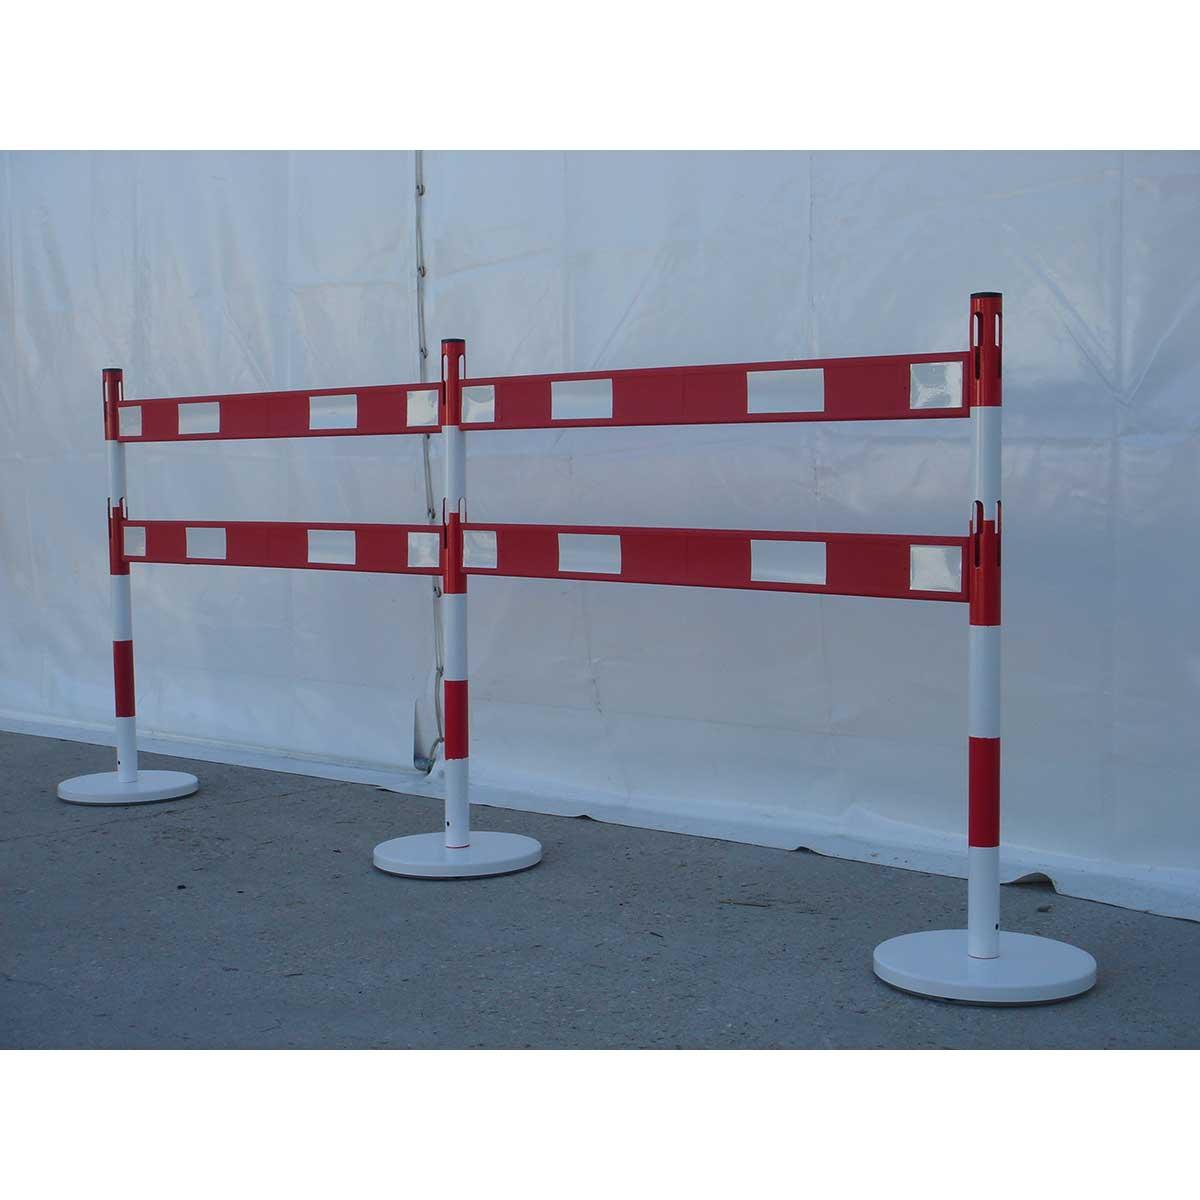 Kits de postes de señalización con barreras